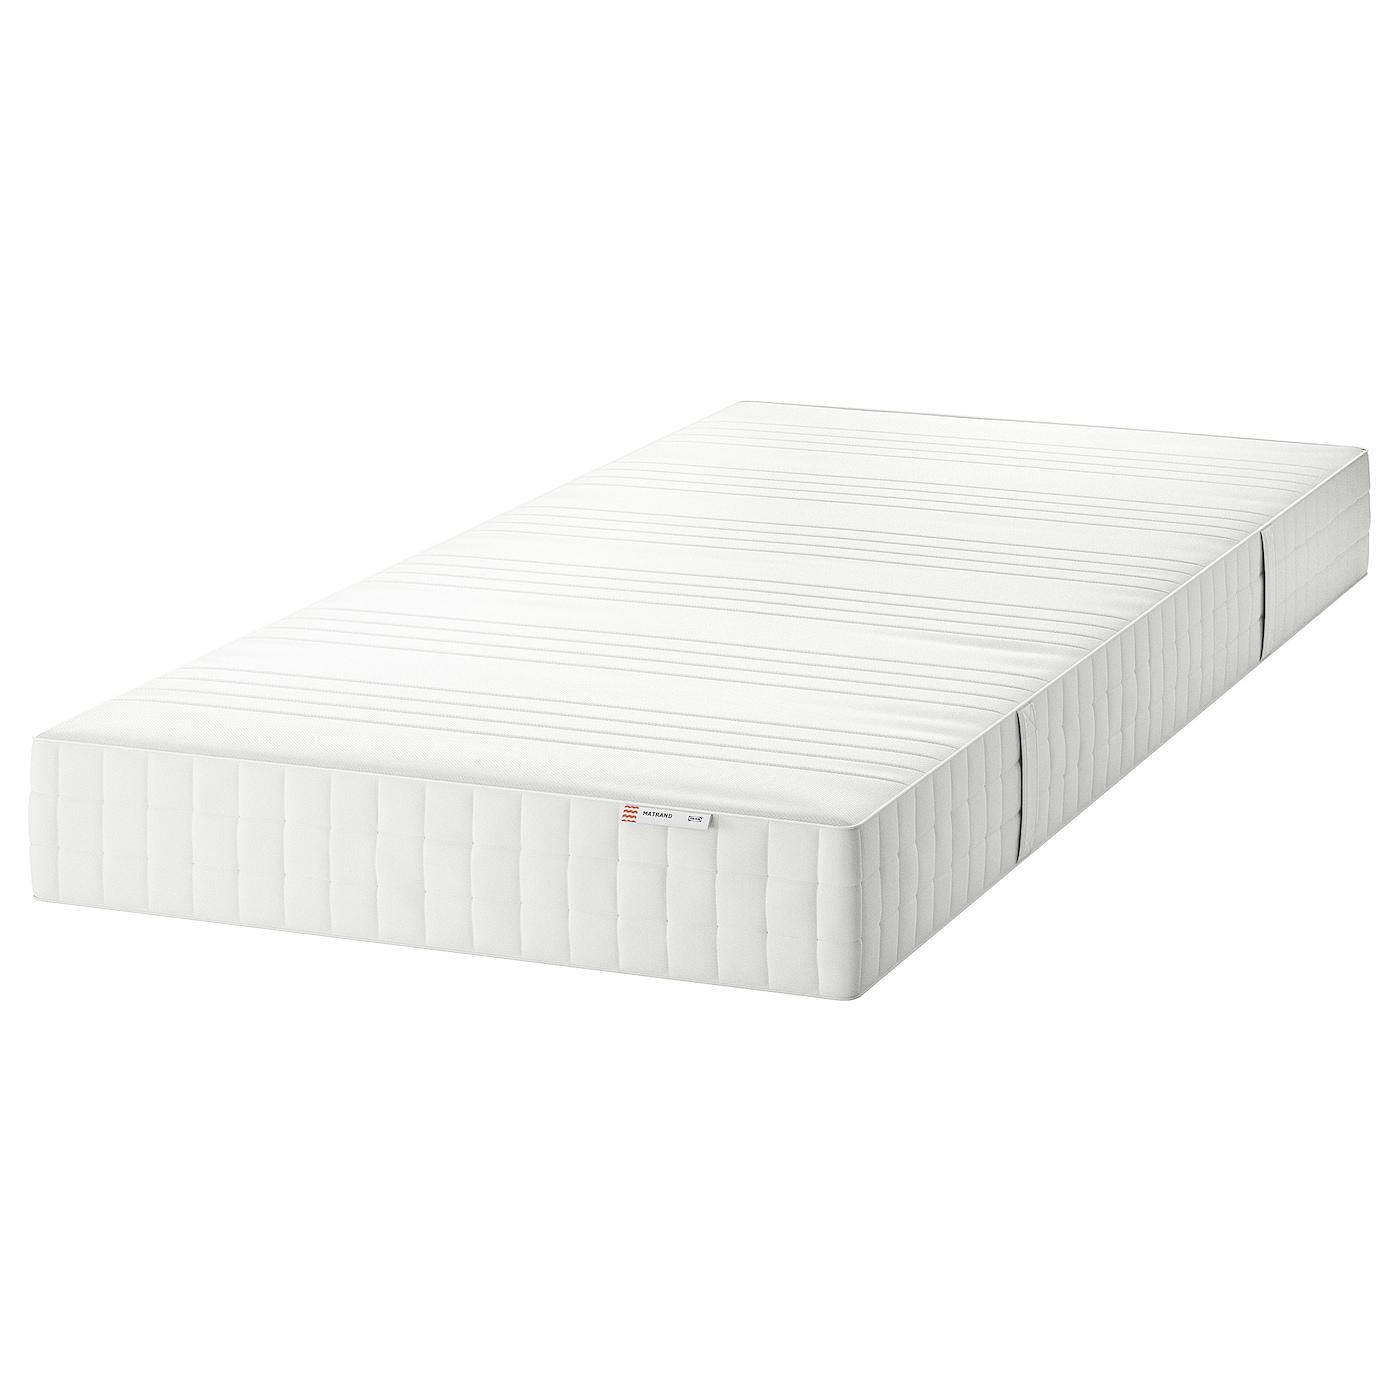 Matrand Materasso In Lattice Semirigido Bianco 80x200 Cm Ikea Svizzera